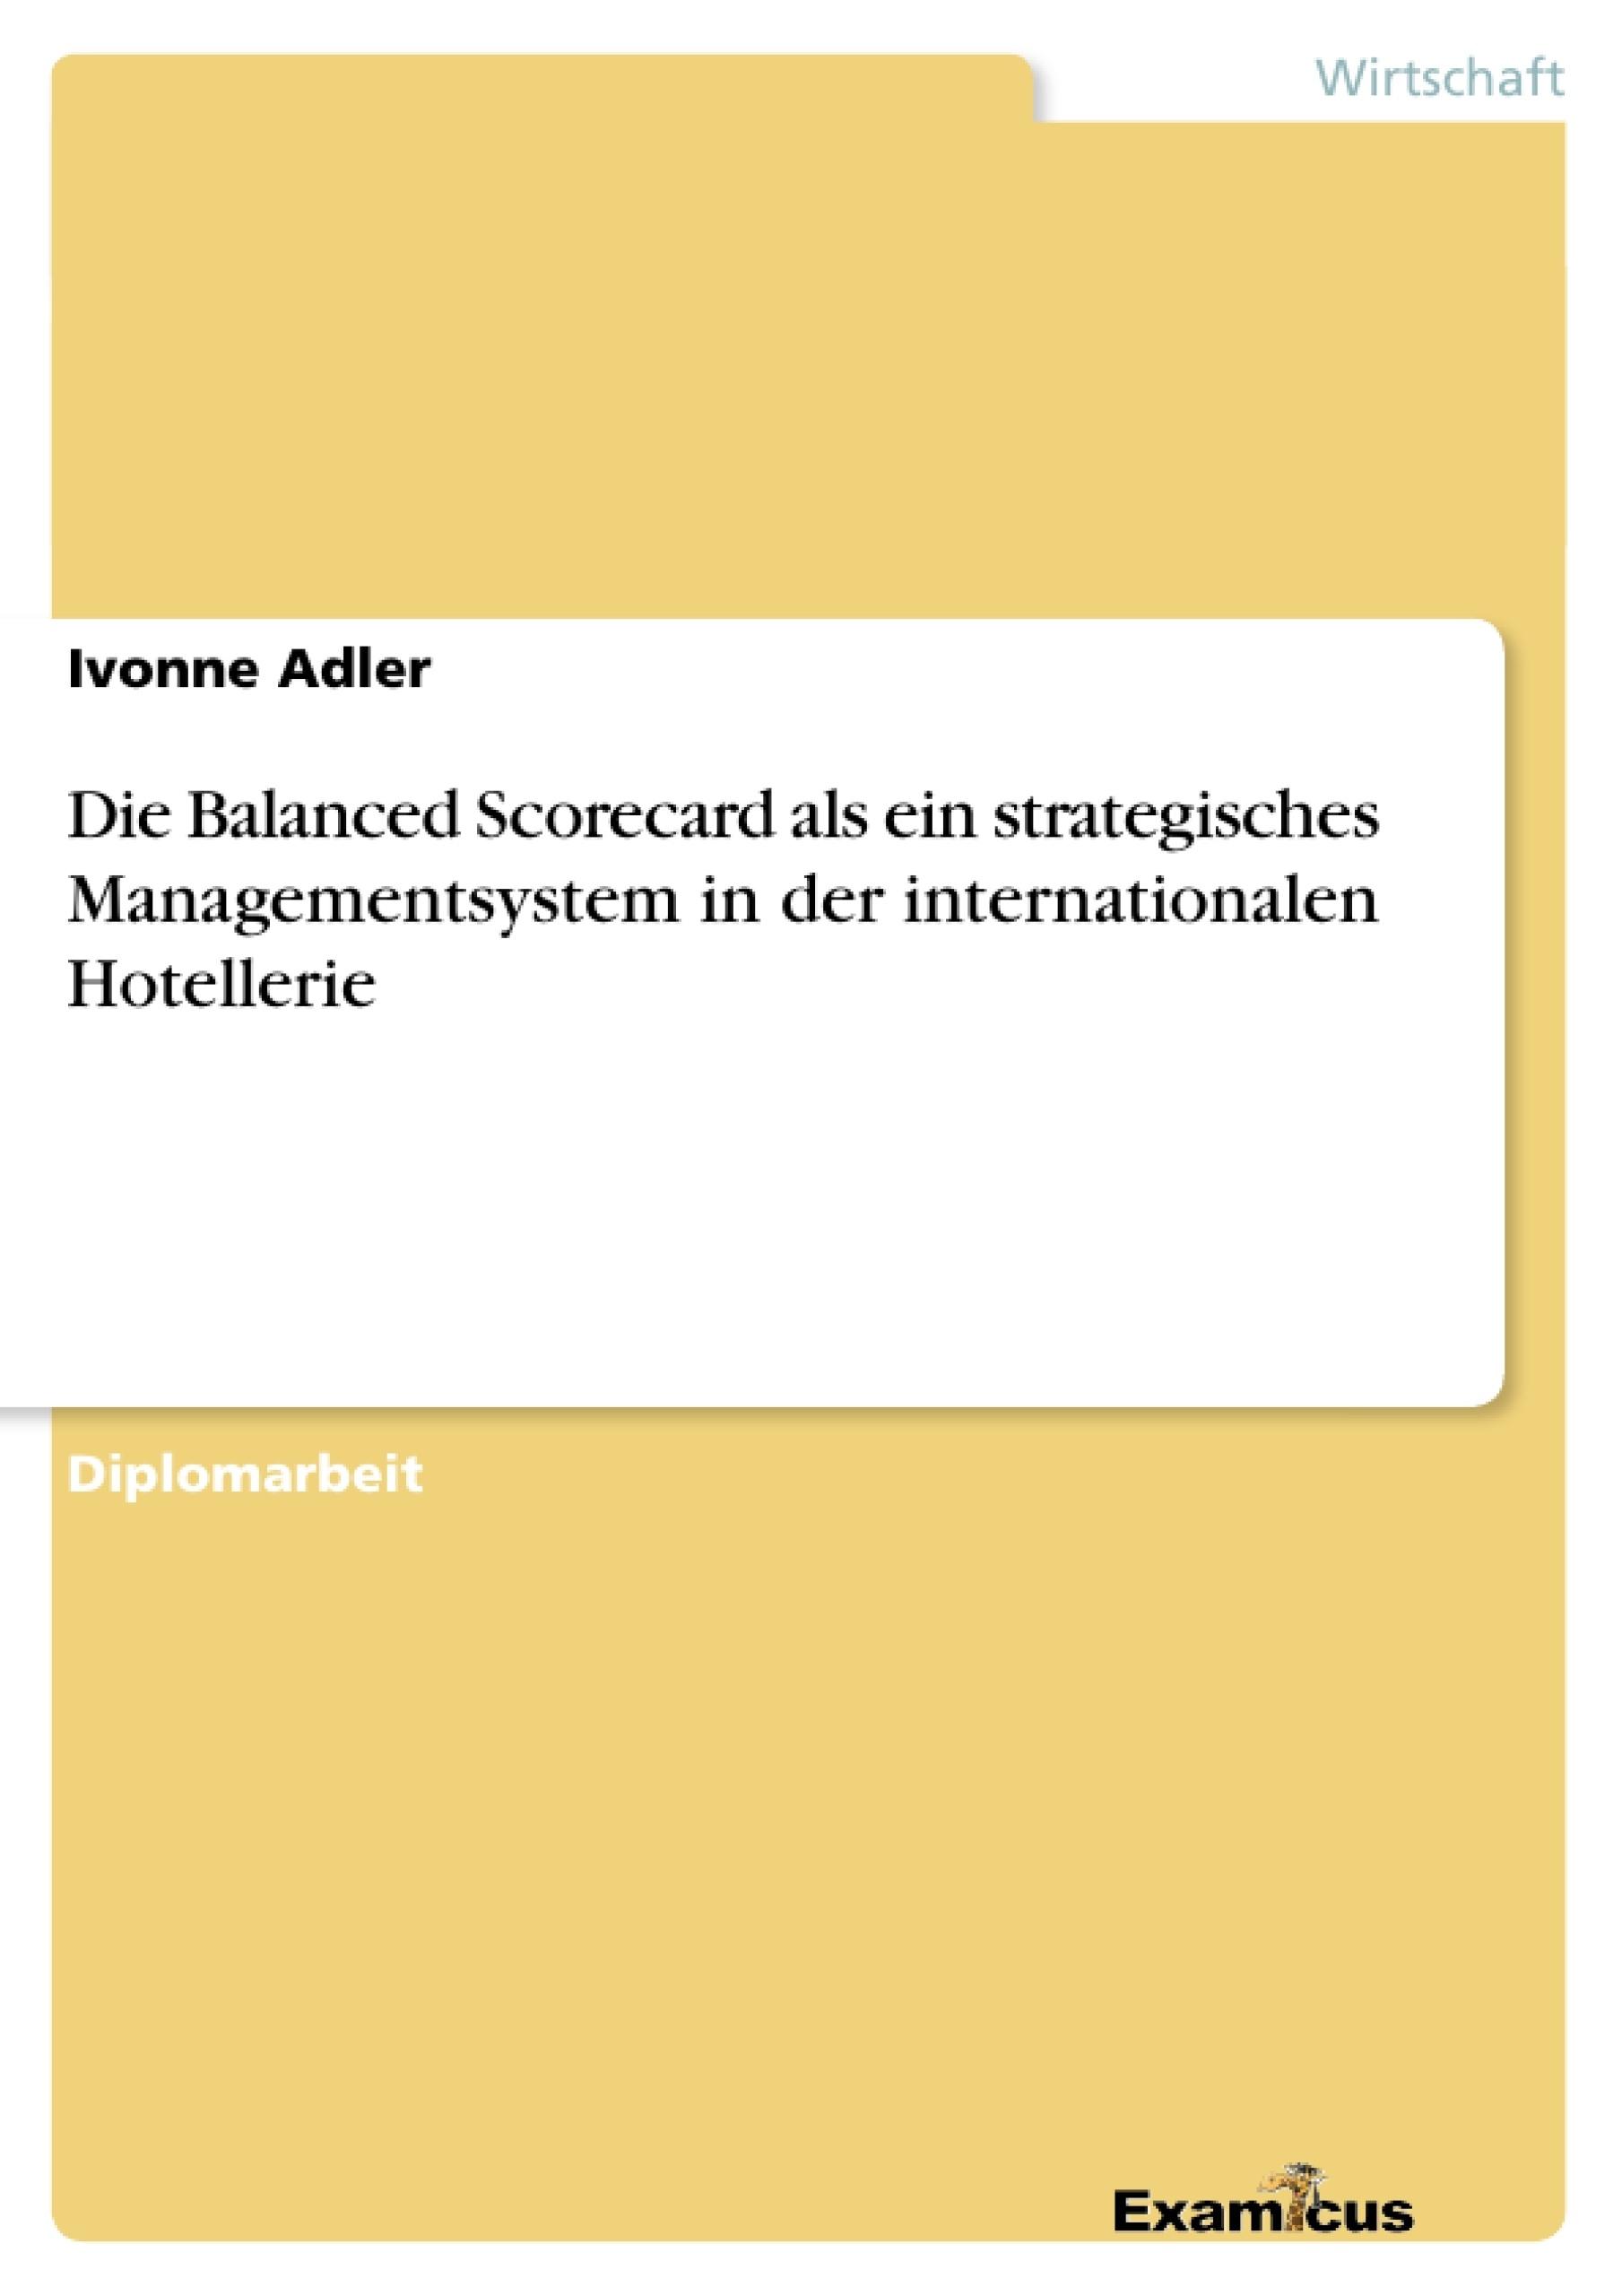 Titel: Die Balanced Scorecard als ein strategisches Managementsystem in der internationalen Hotellerie